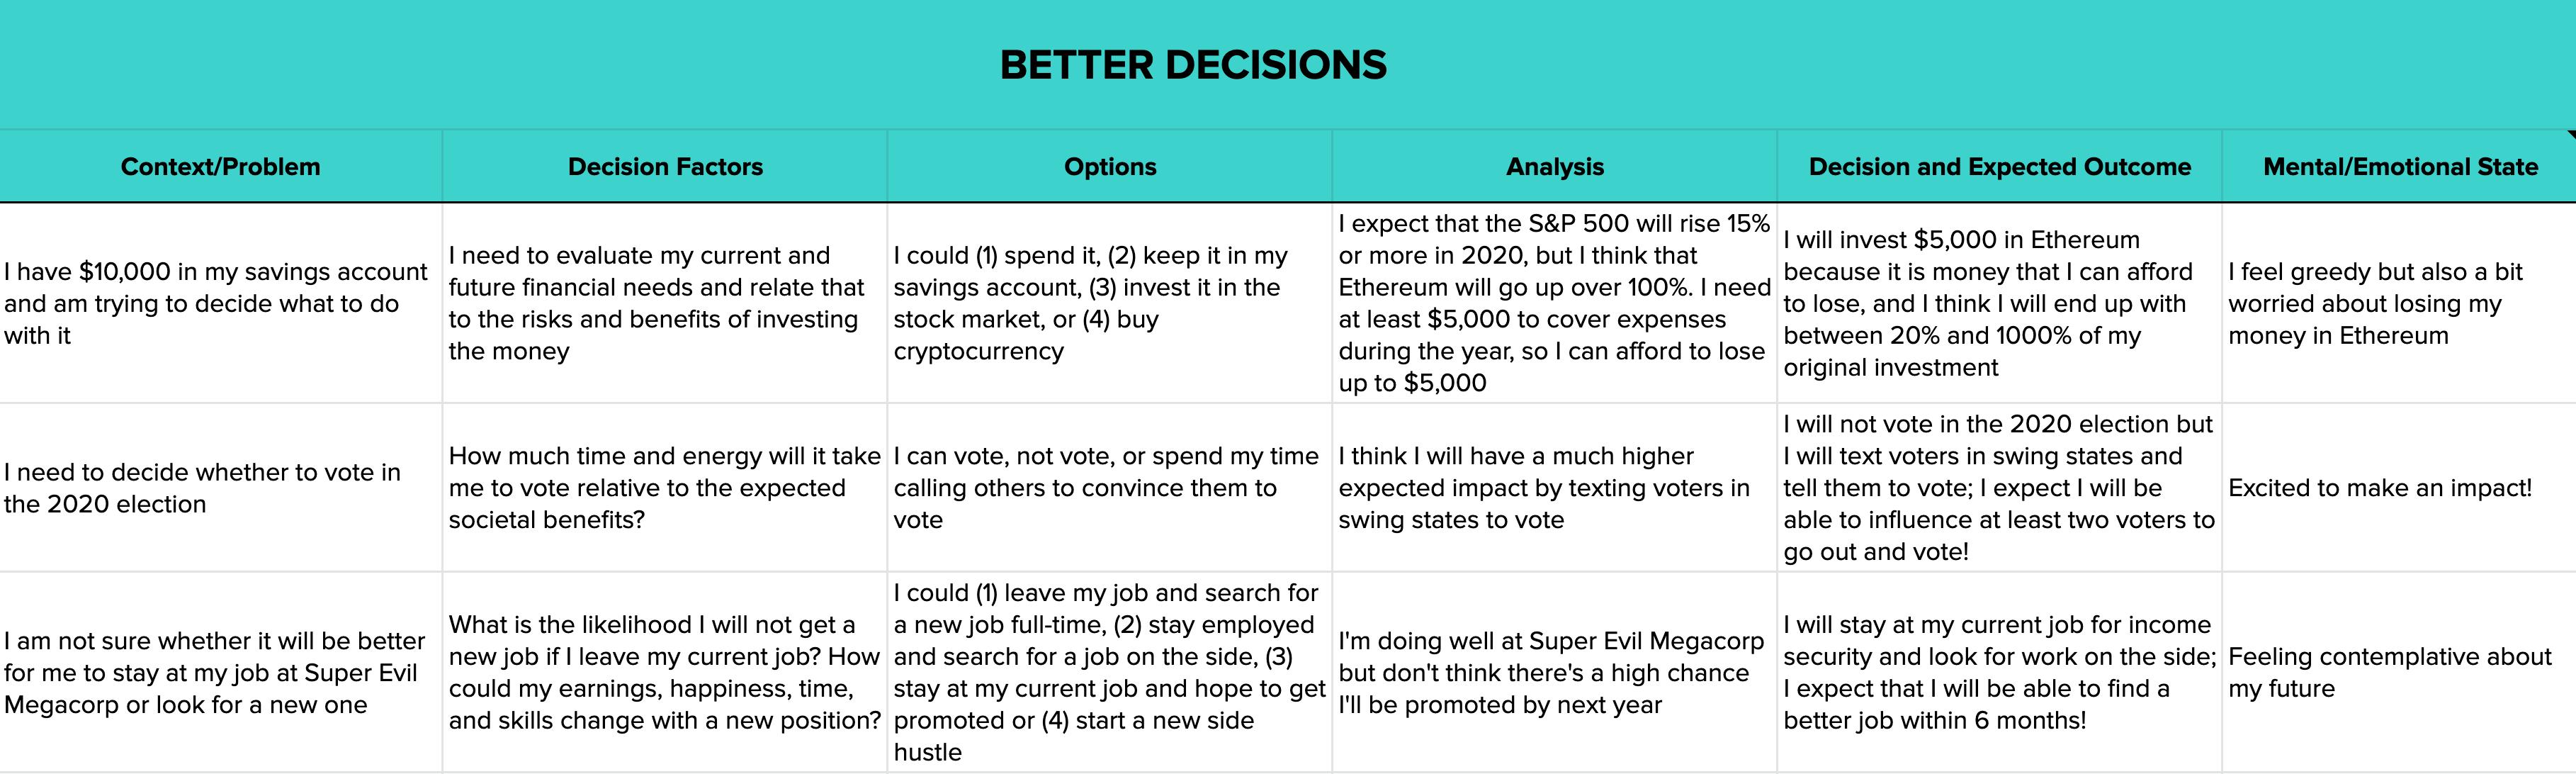 Decision flow view